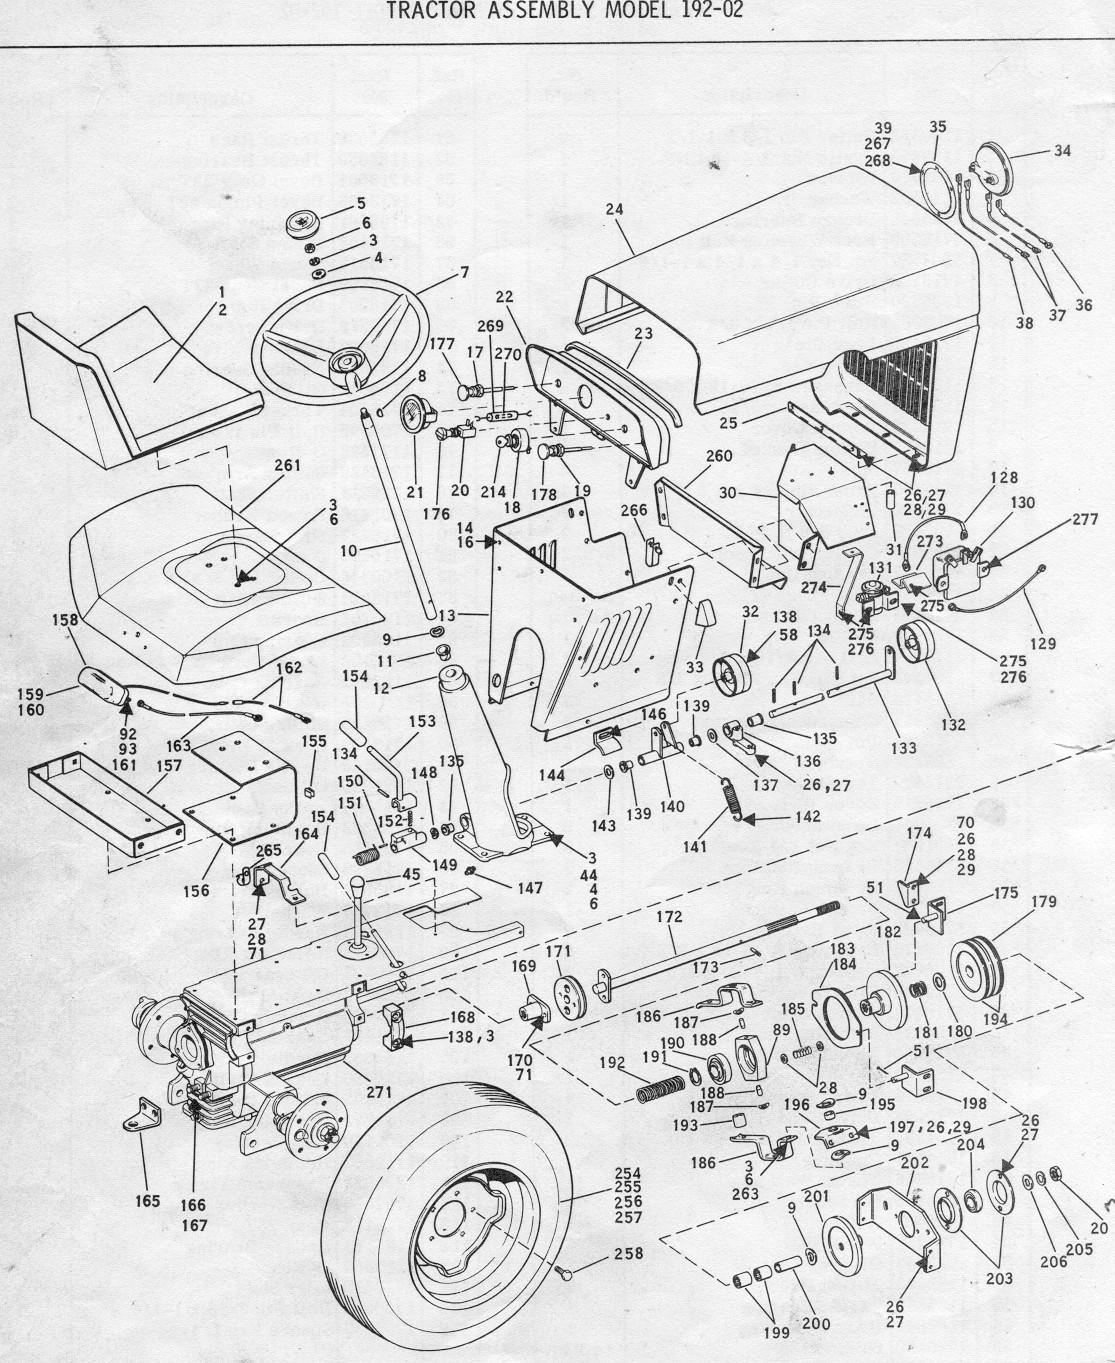 yanmar ym1500 diagram of the gears free wiring diagram